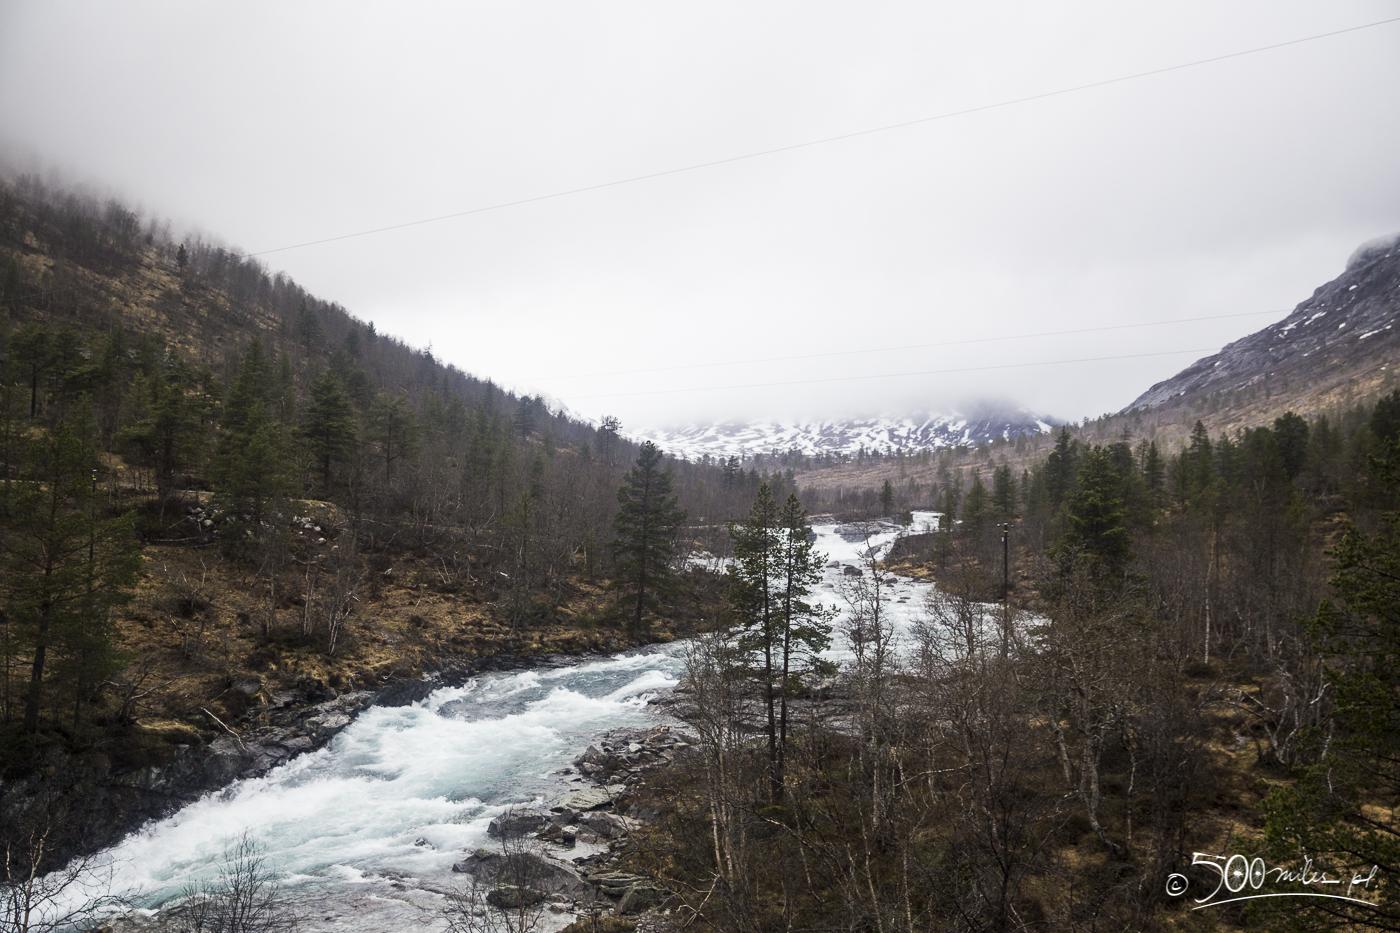 Oslo-Bergen train ride - river view